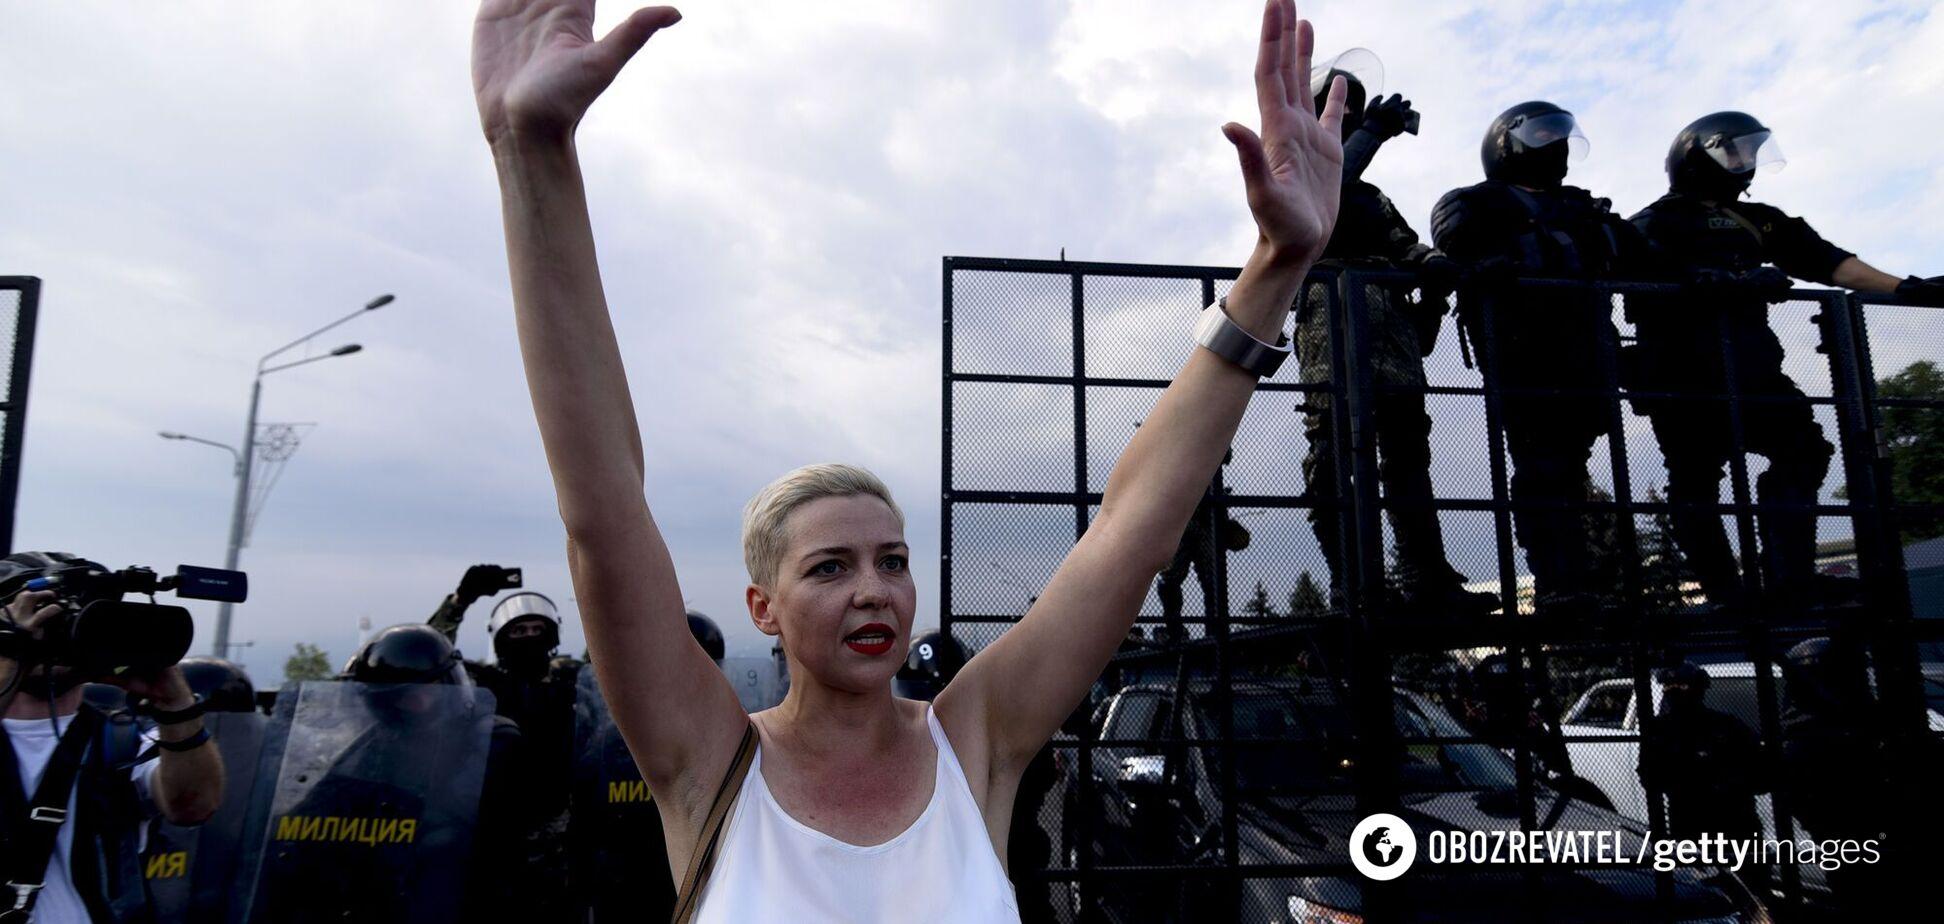 Колесникова стала підозрюваною у кримінальній справі про 'захоплення влади'